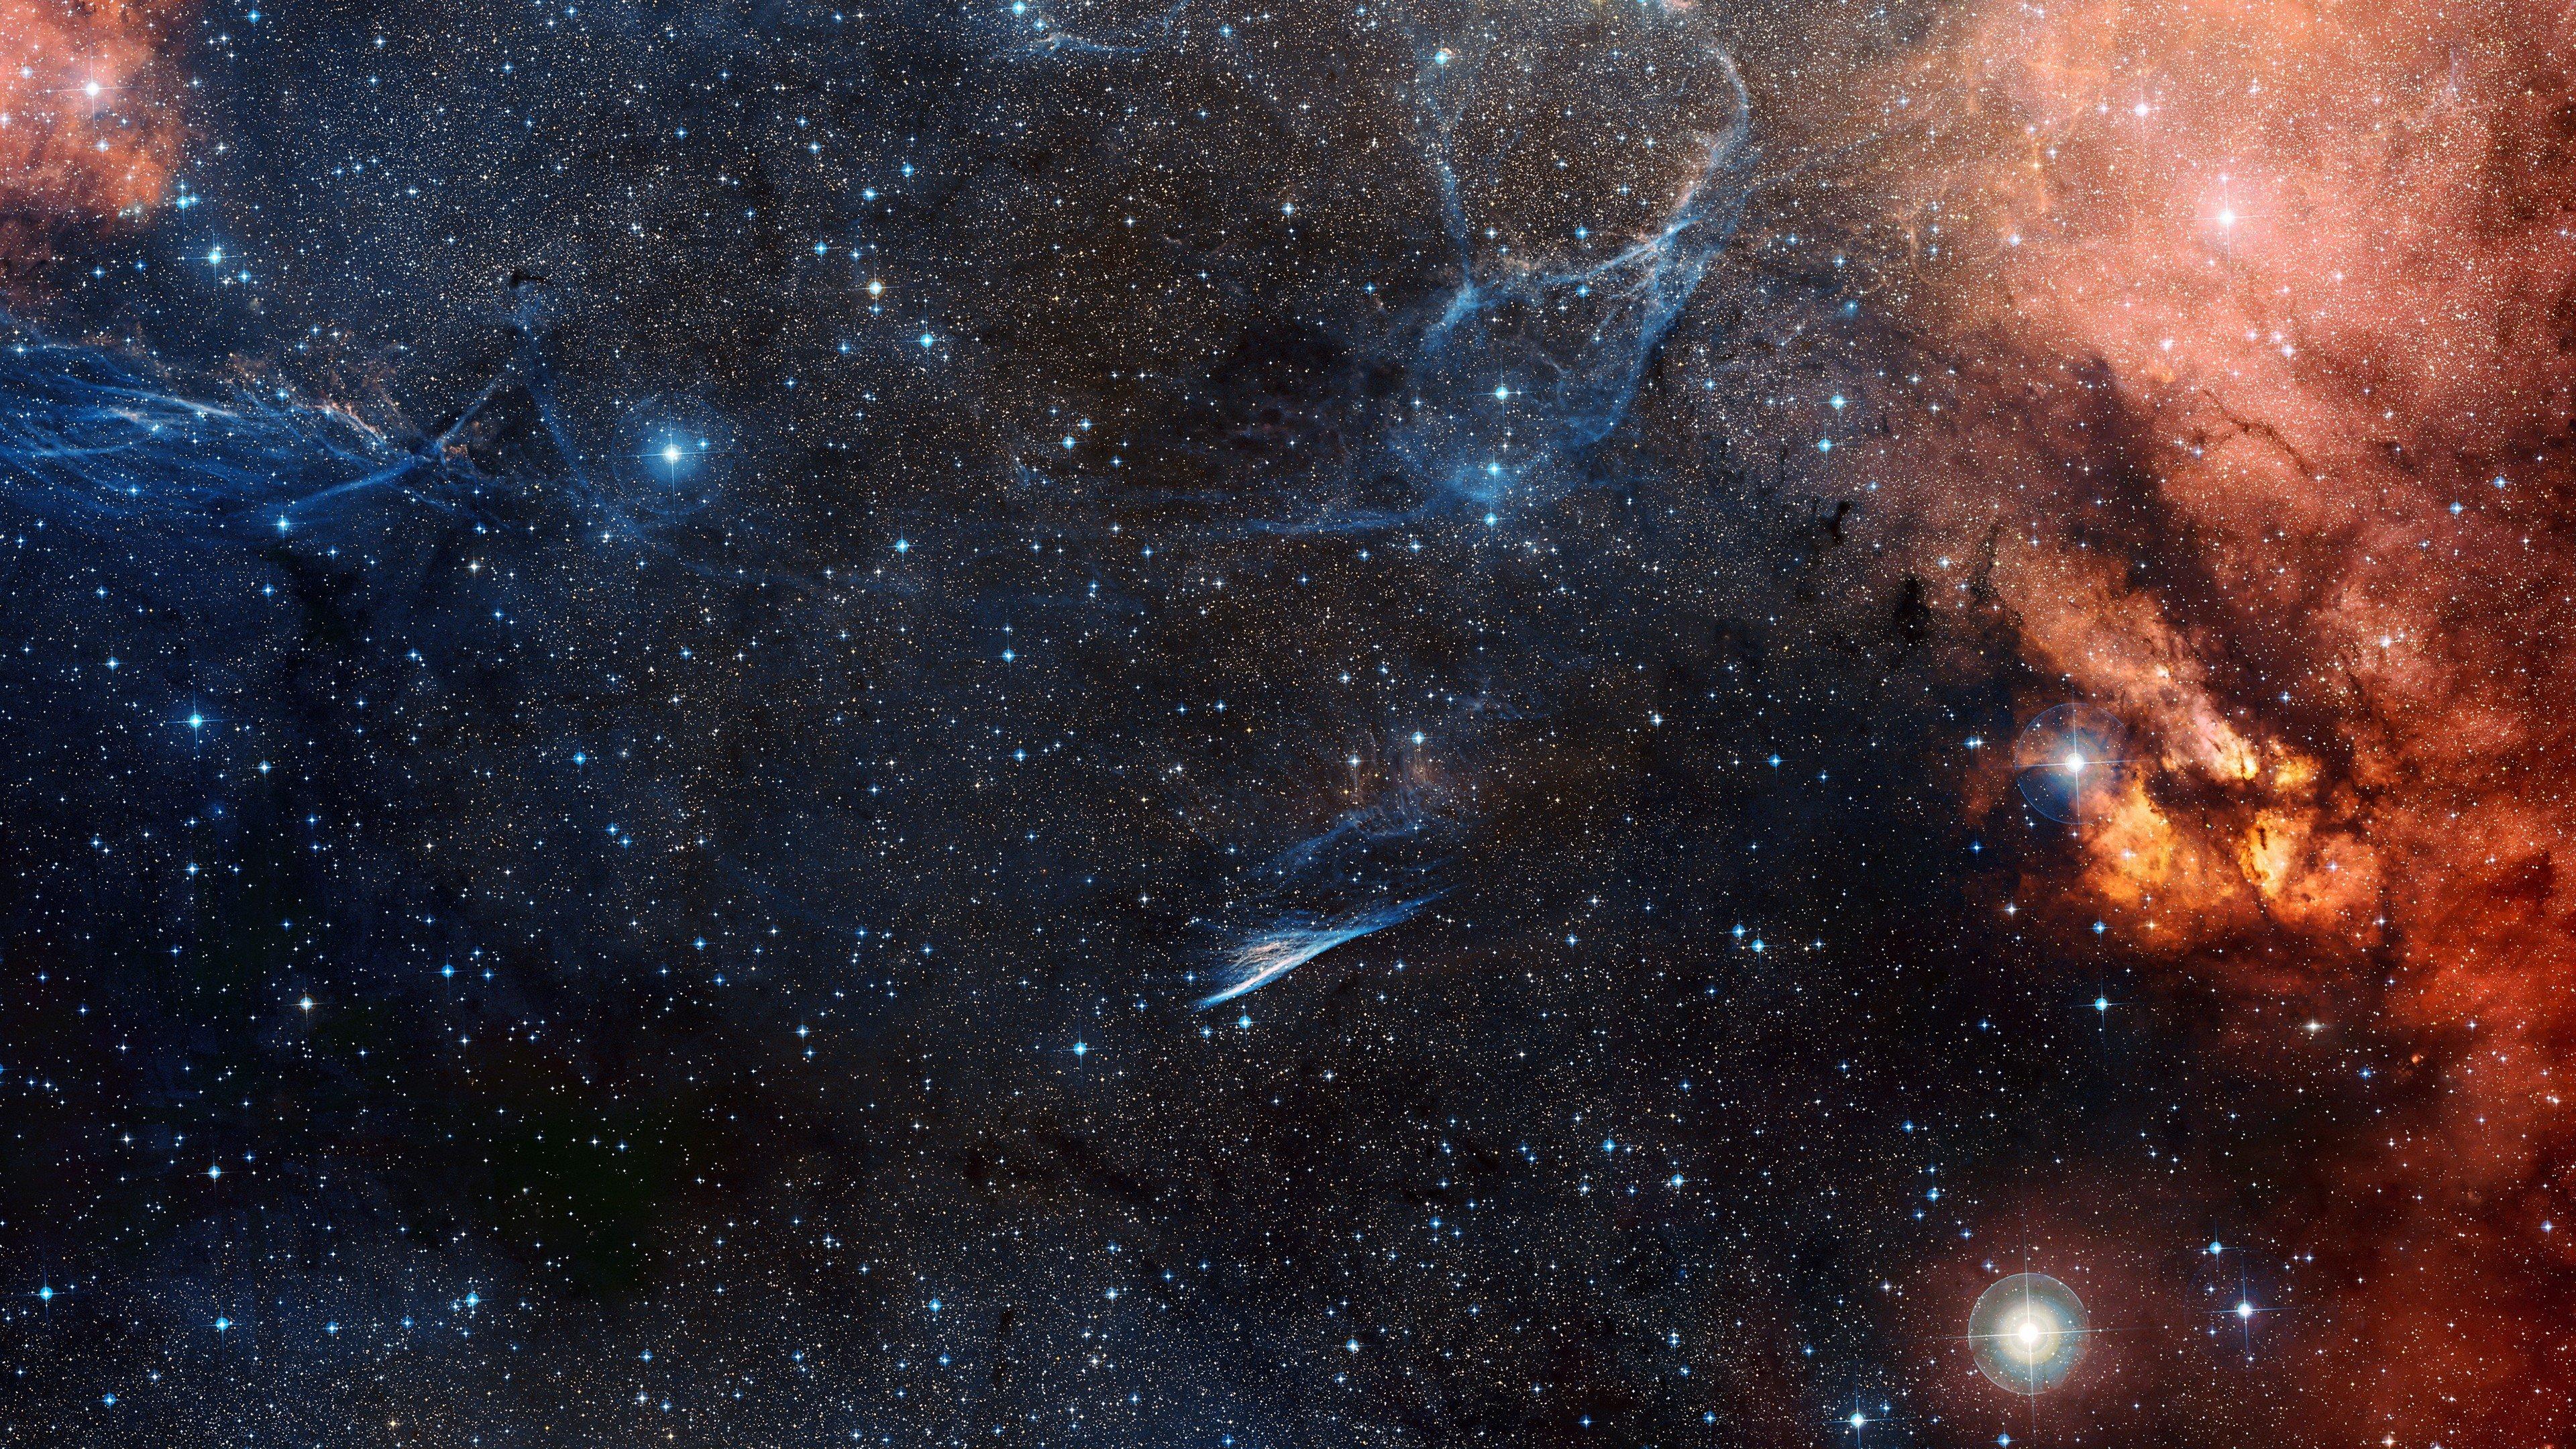 Fondos de pantalla Estrellas en el espacio